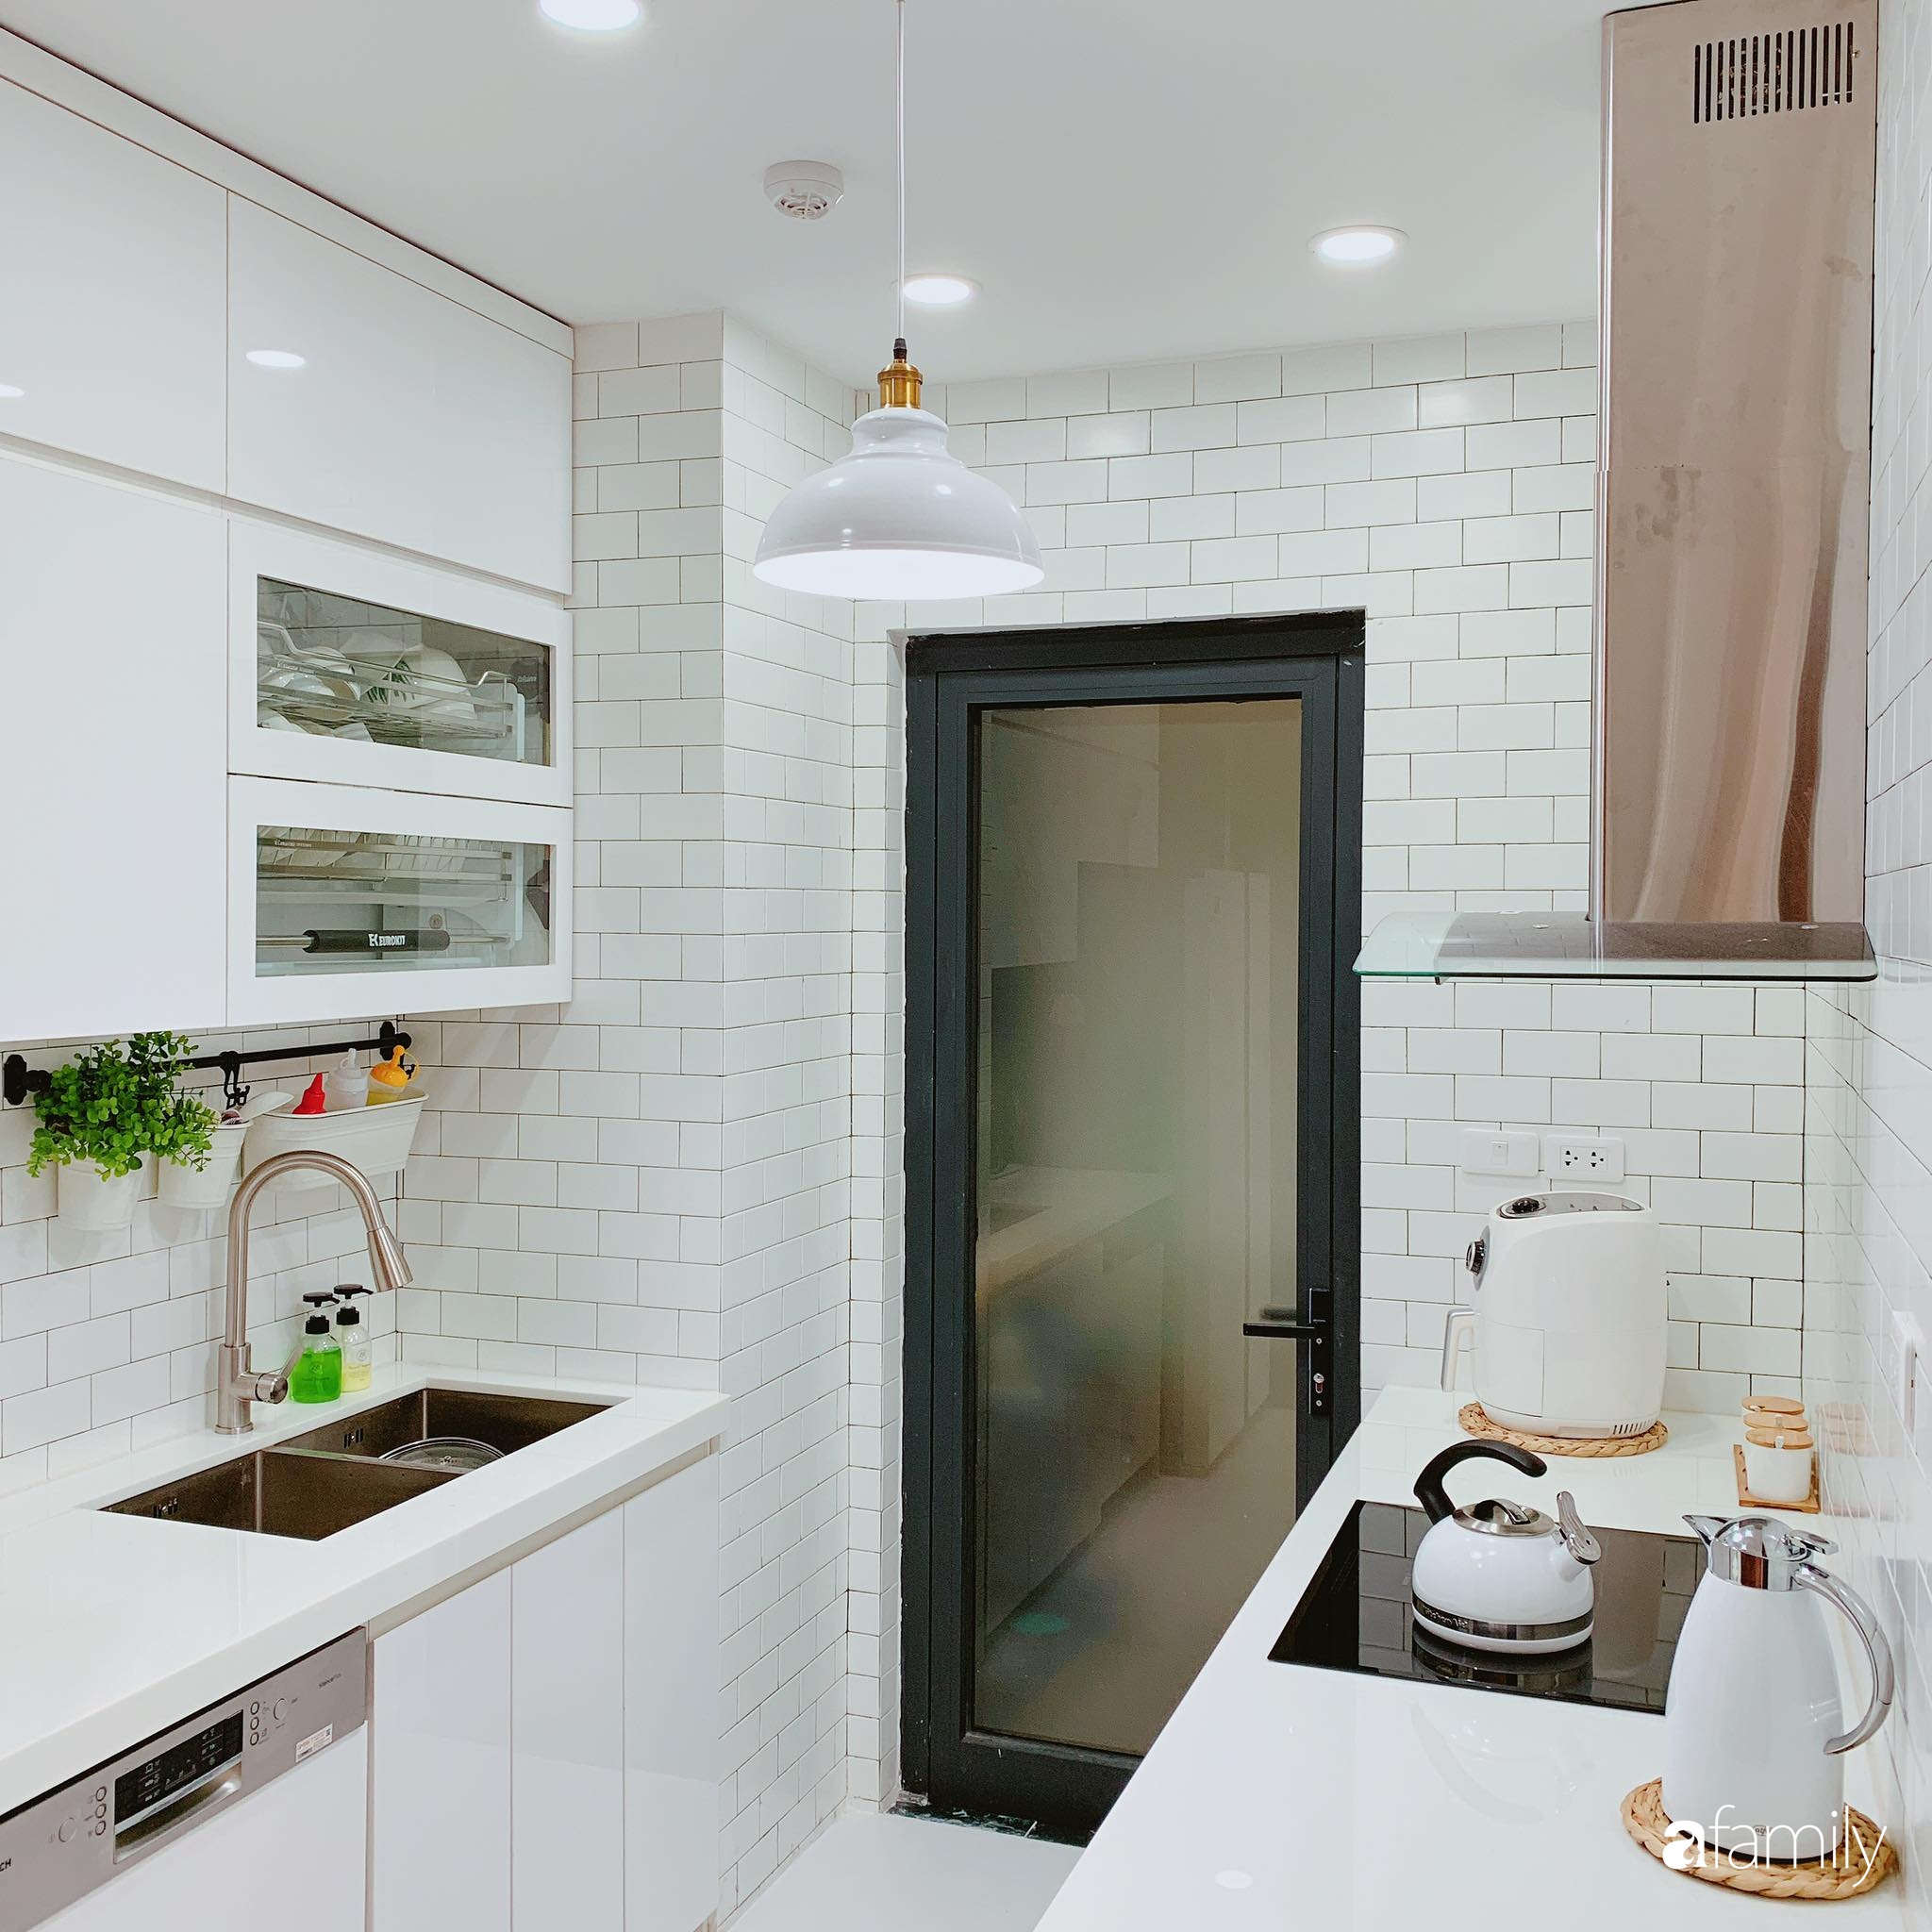 Căn hộ 90m² như được nhân đôi không gian nhờ cách decor khéo léo với màu trắng - ghi ở Hà Nội - Ảnh 10.